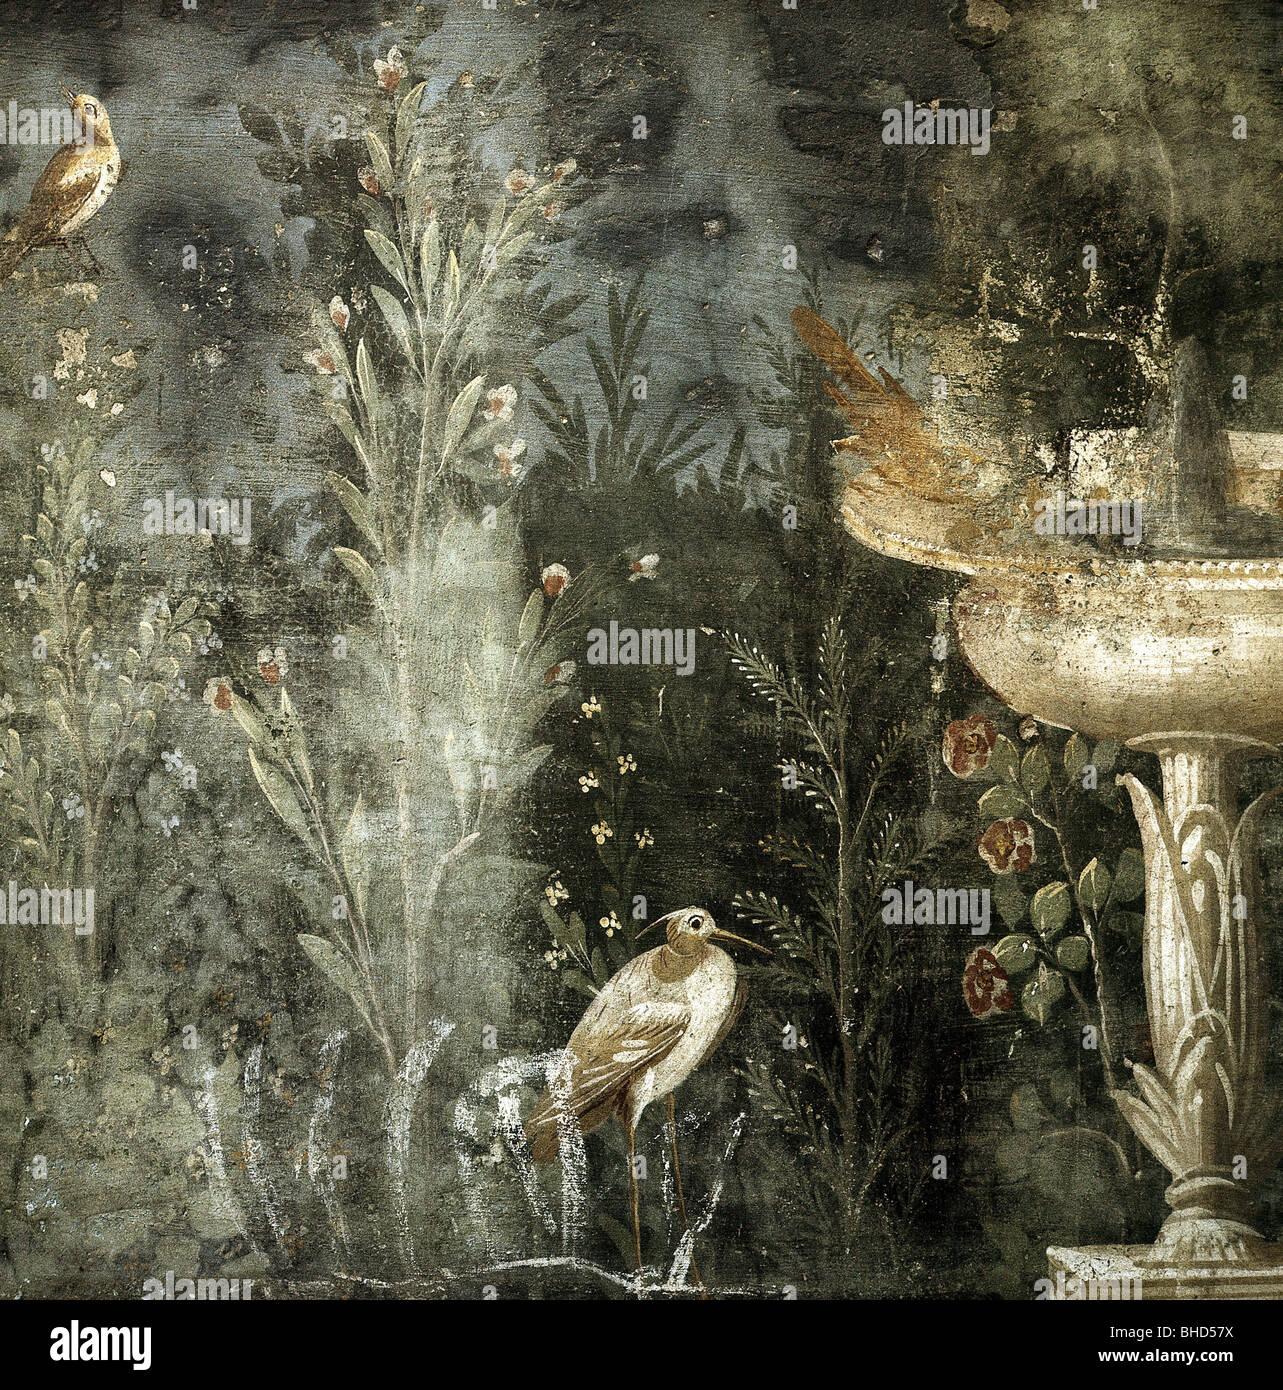 Bildende Kunst, antike, Römisches Reich, Pompeji, detail aus einem Fresko, Garten-Szene, Haus der Venus, Italien, Stockfoto